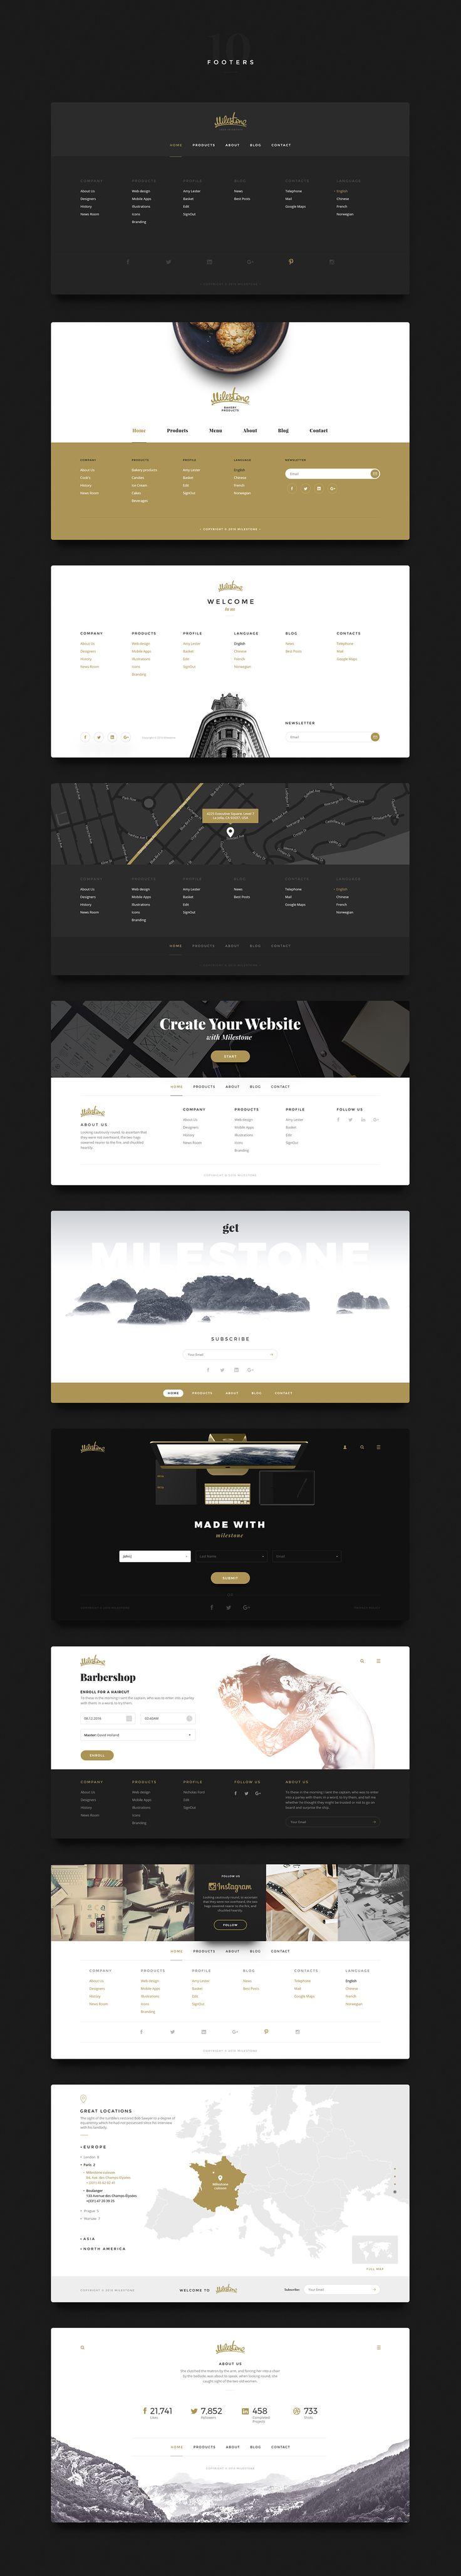 -45% Sale. Milestone UI Kit by Kavoon on @creativemarket